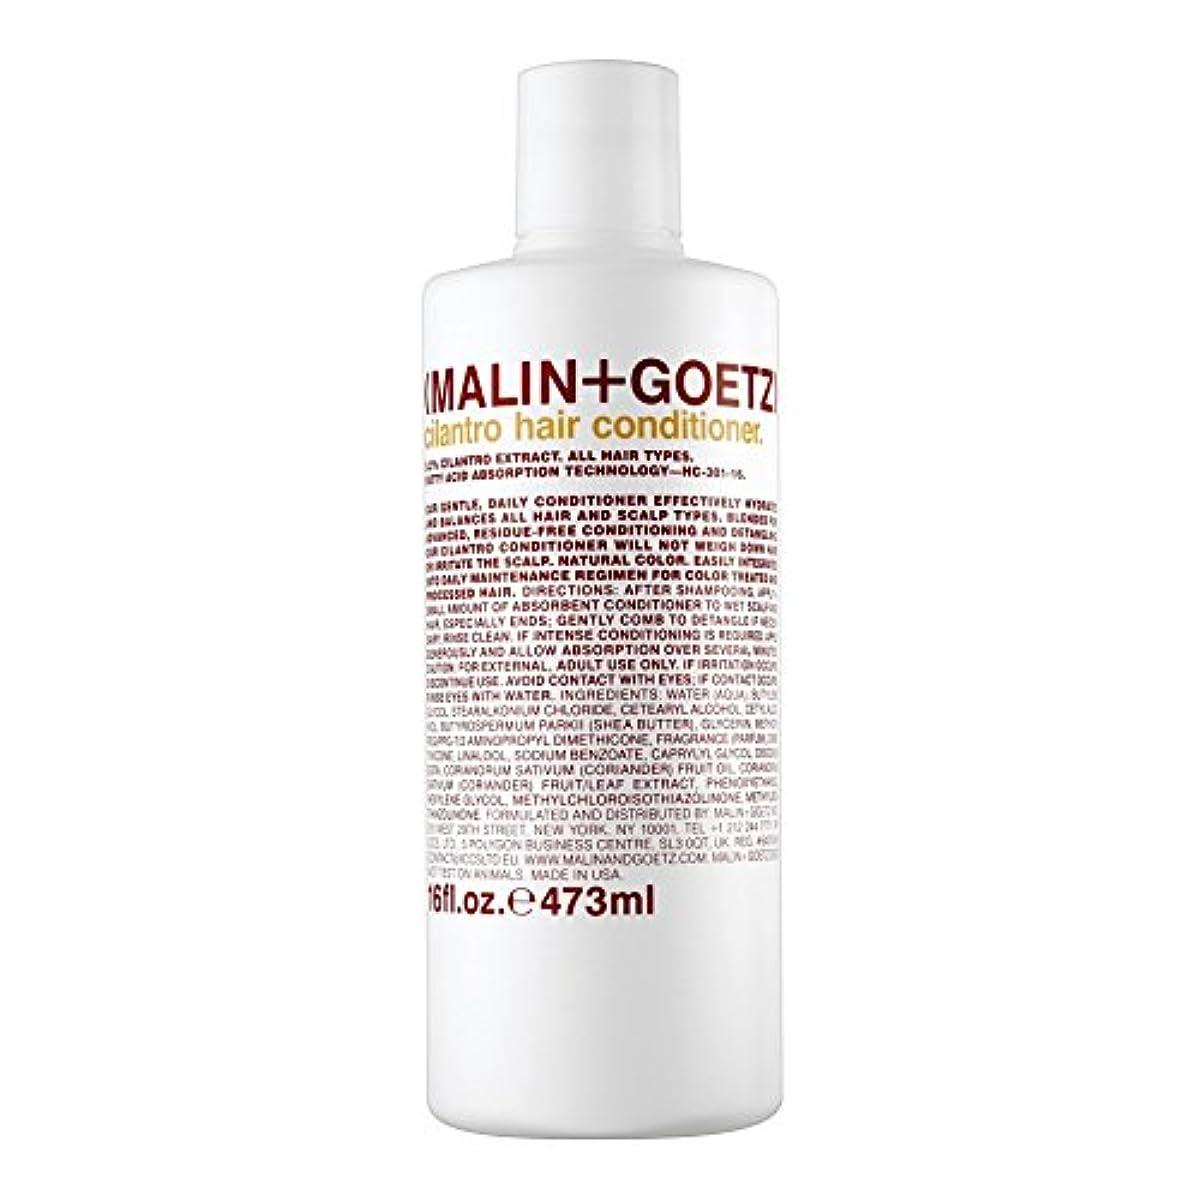 神秘的な港習熟度MALIN+GOETZ Cilantro Hair Conditioner 473ml - マリン+ゲッツコリアンダーのヘアコンディショナー473ミリリットル [並行輸入品]